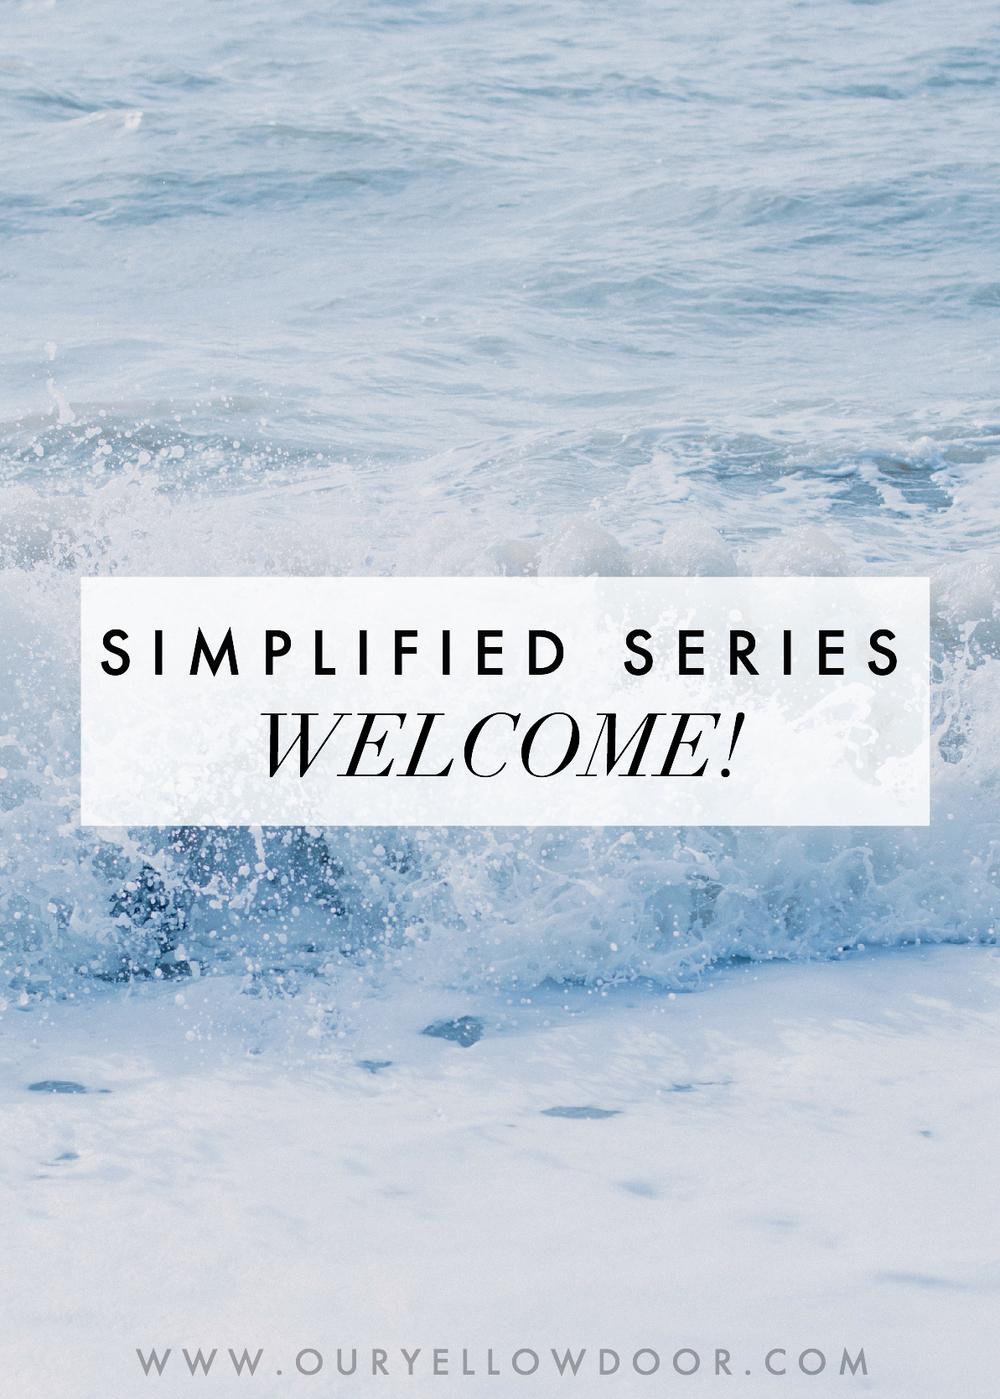 Simplified-Series-Welcome.jpg